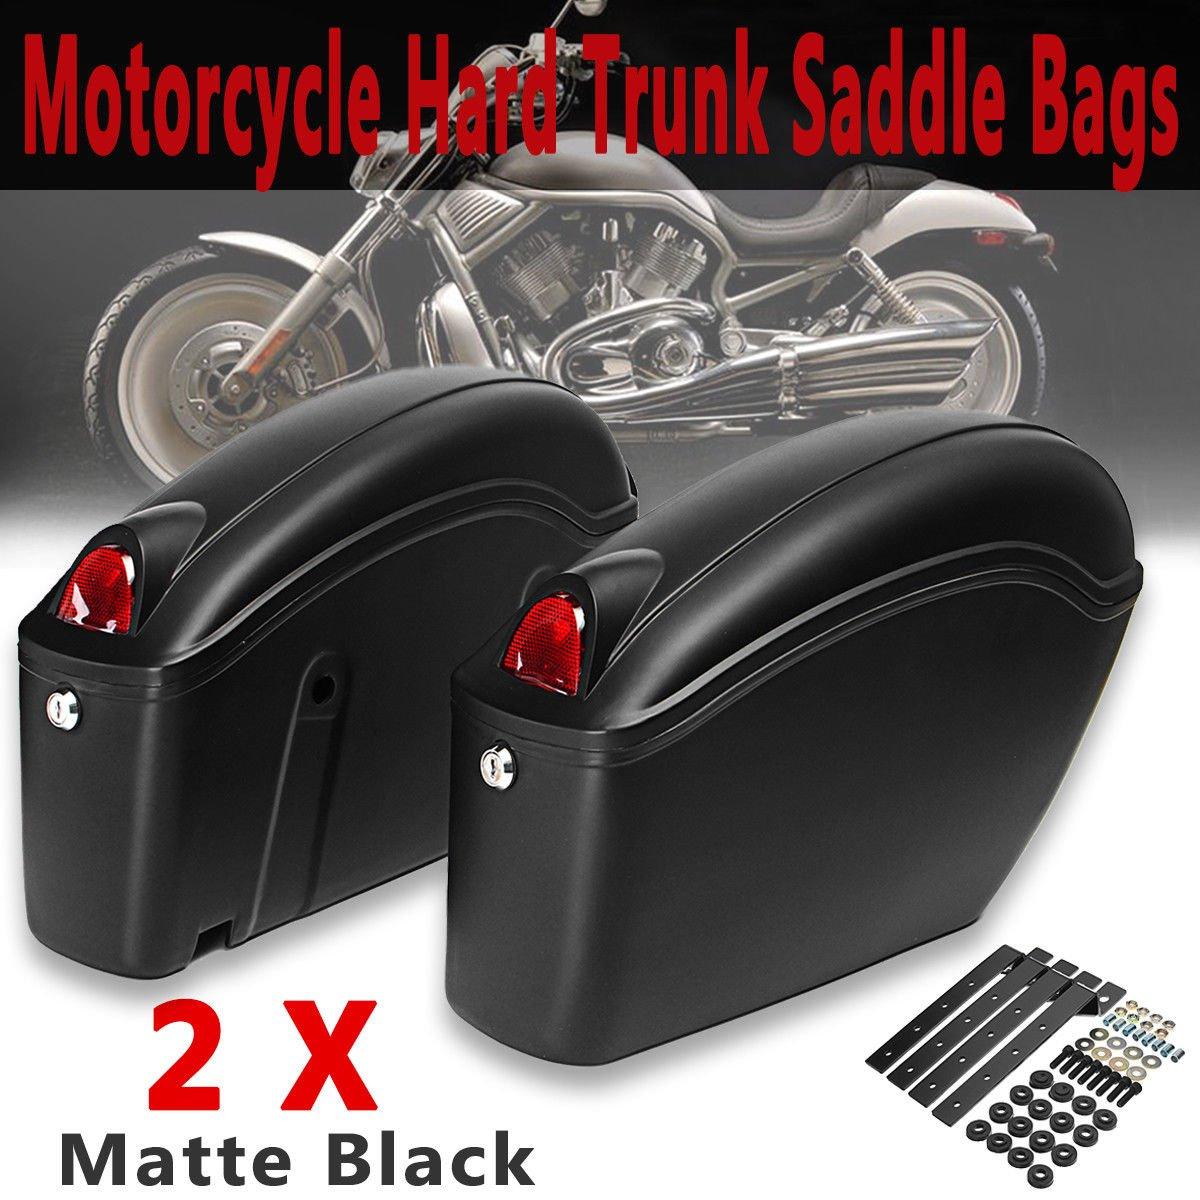 Saddlebags Motorcycles,CHELIYA Motorcycle Side Case Hard Trunk Saddle Bag Luggage W//Bracket Light for Cruiser StyleB